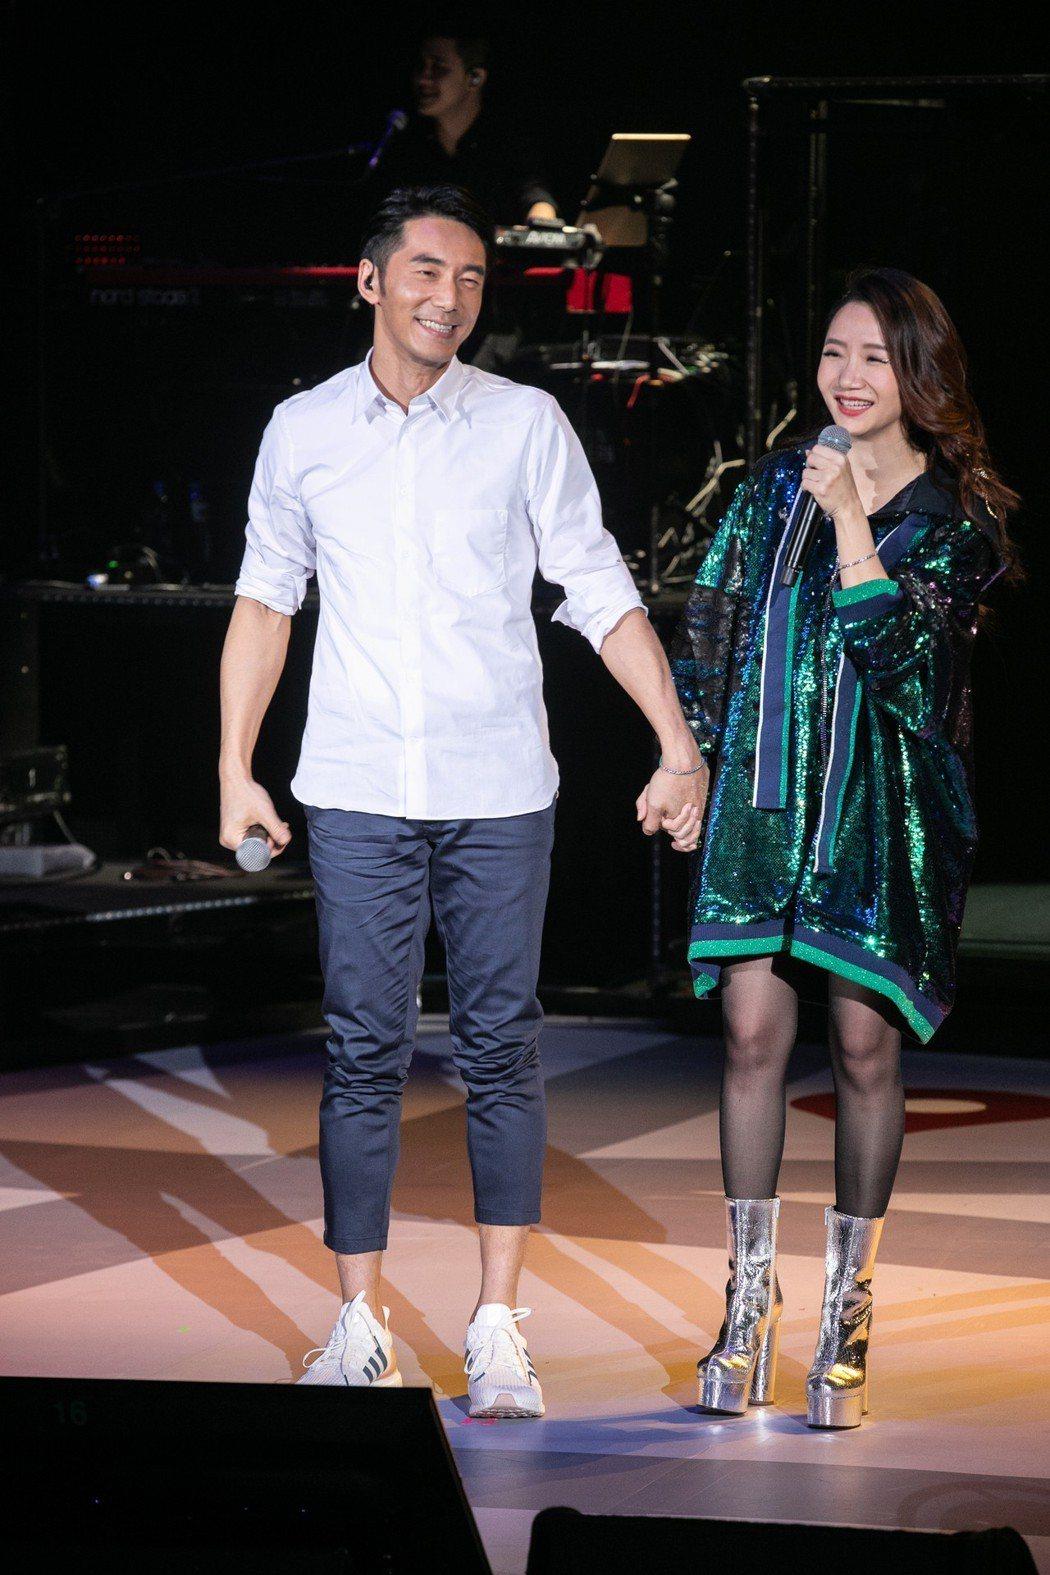 陶晶瑩和李李仁台上甜蜜合體。圖/JUST LIVE  就是現場提供